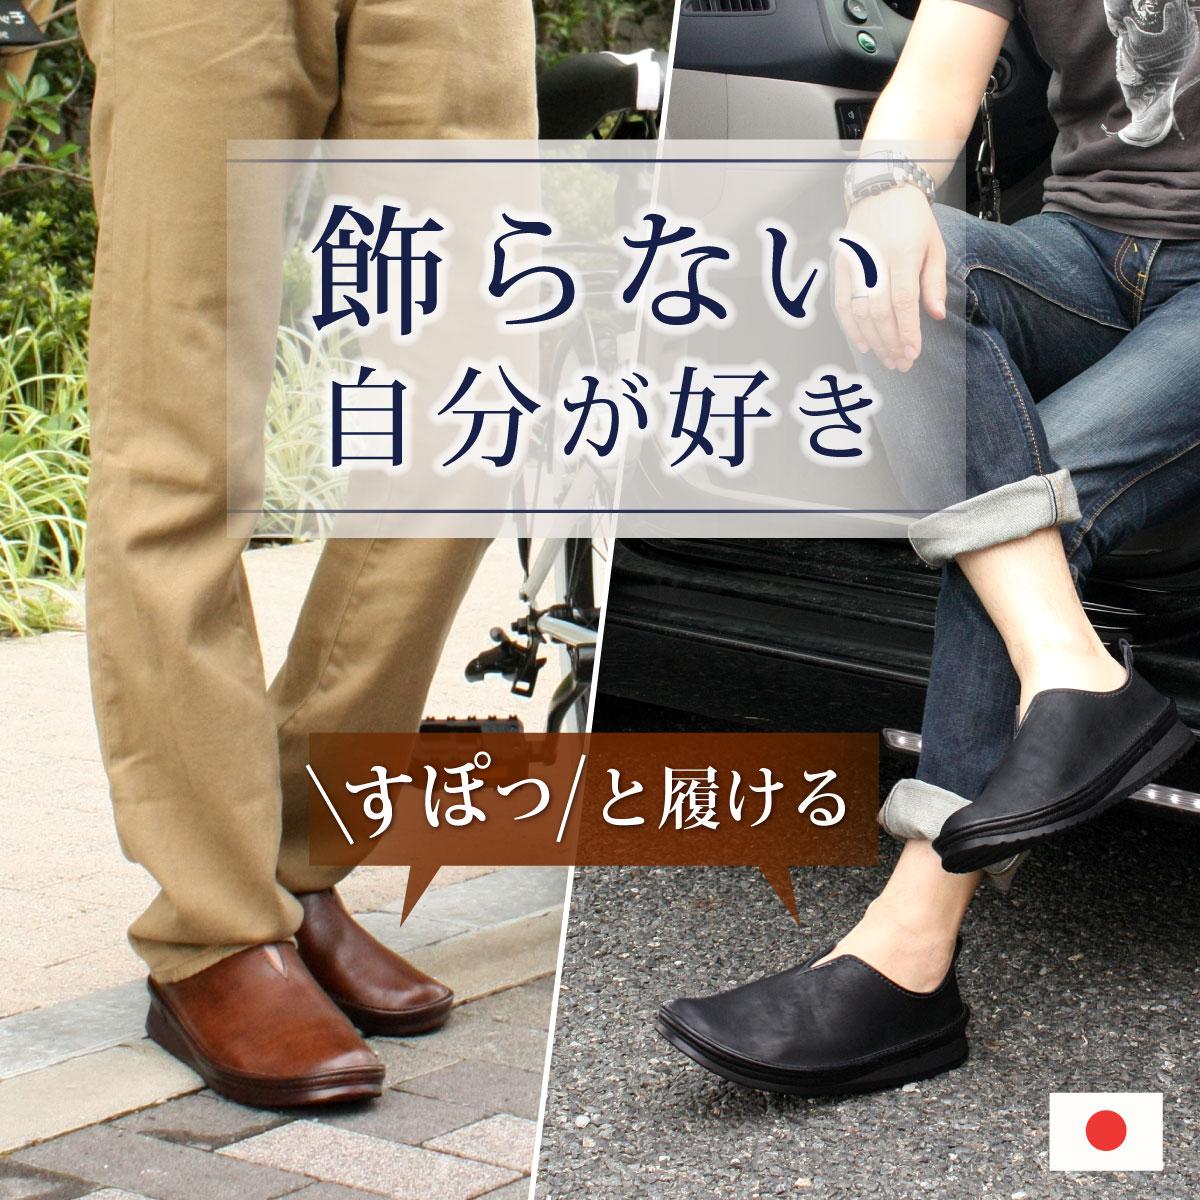 メンズ 人気 おすすめ Vカット 卸売り スリッポン コンフォートシューズ 紳士靴 ドライビングシューズ 日本製